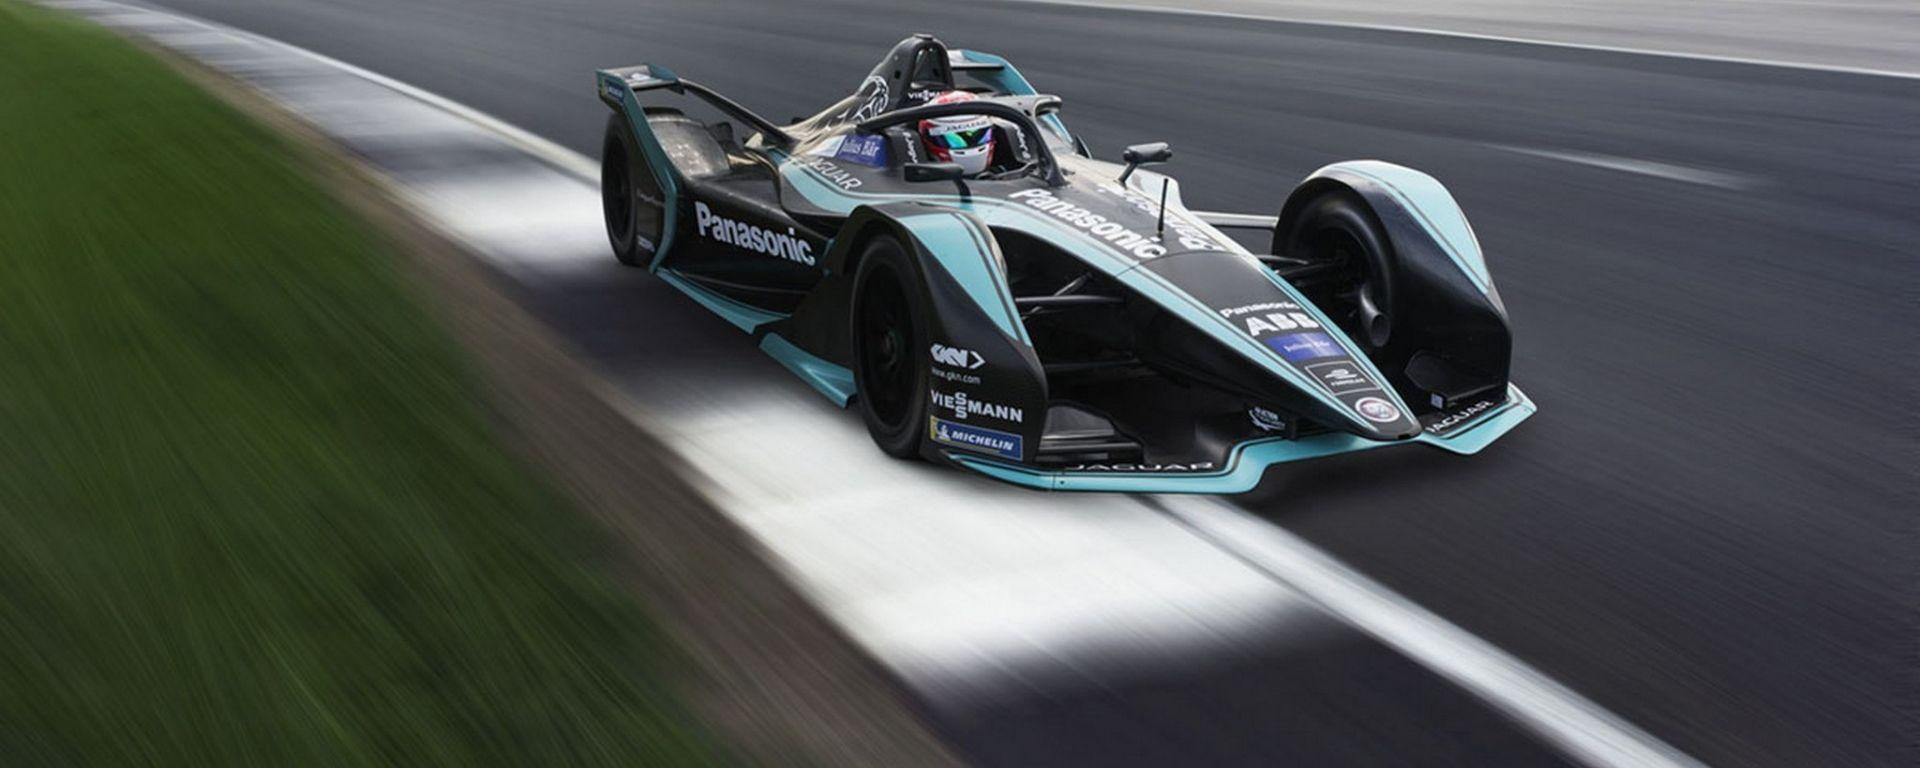 Formula E: ecco la nuova Jaguar Racing I-TYPE 3 per il mondiale elettrico